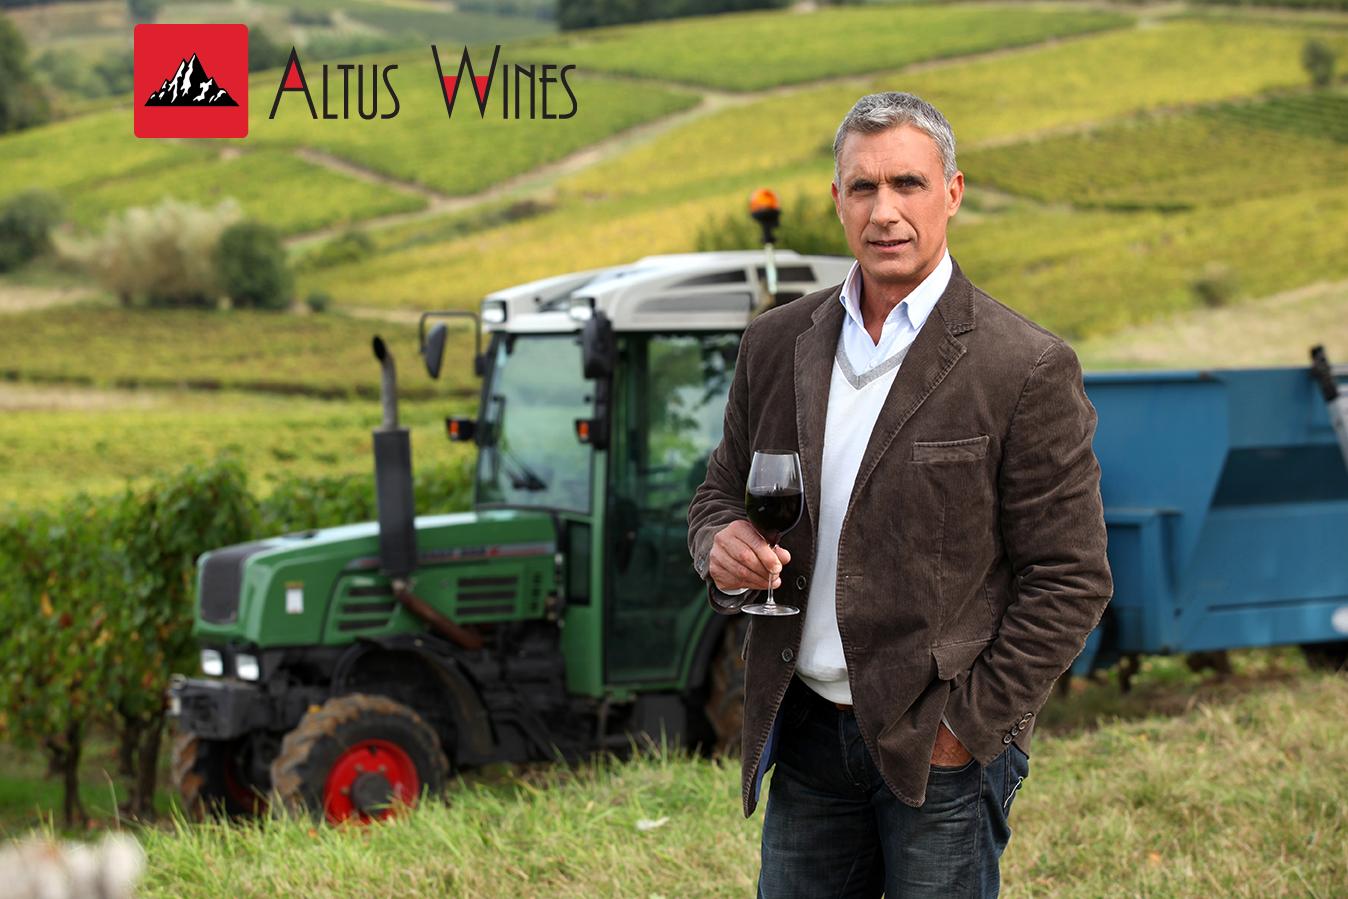 ALTUS WINES